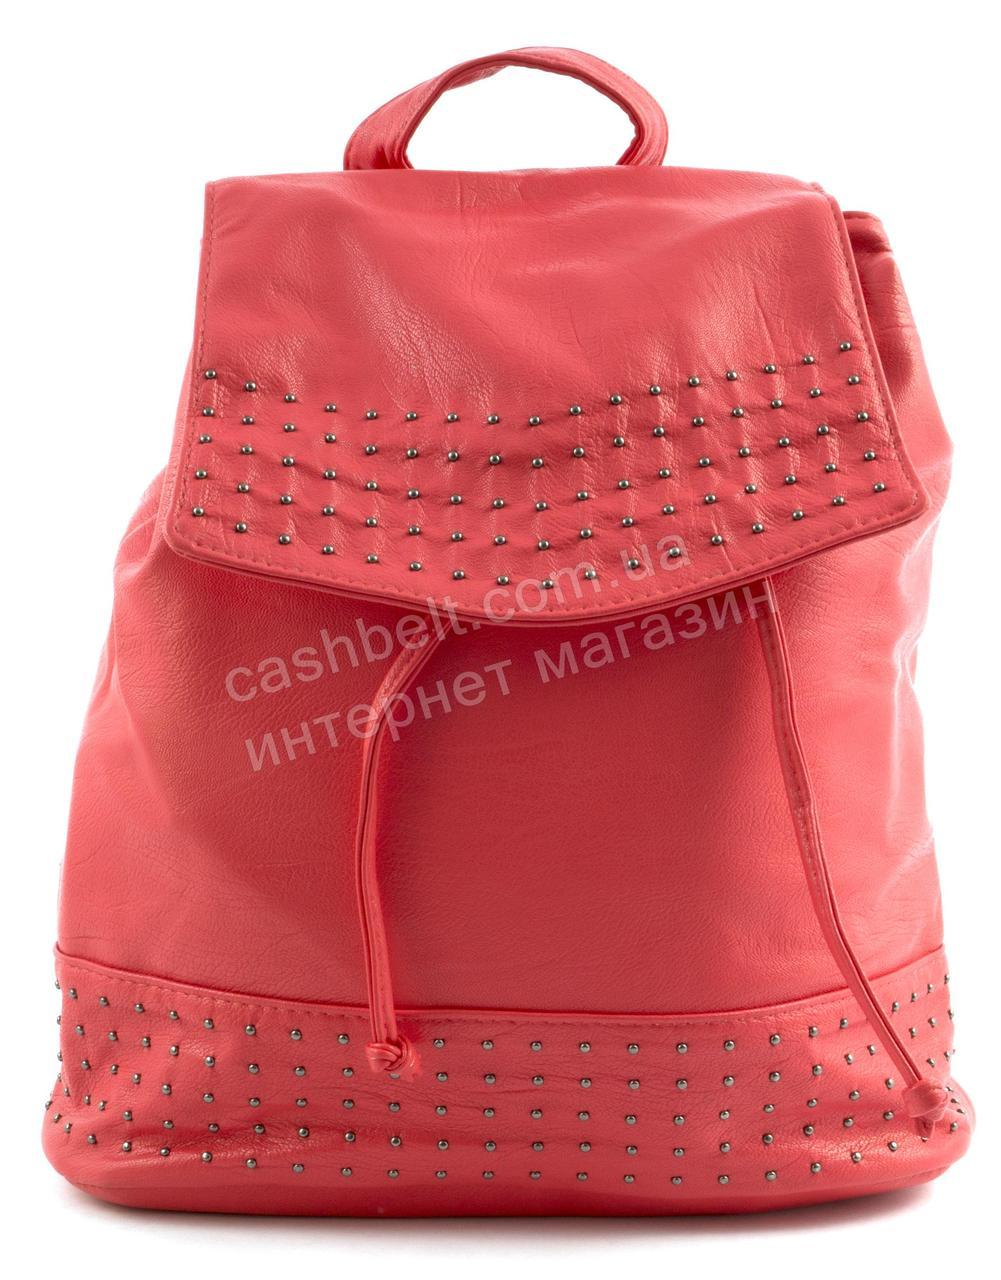 Небольшой стильный оригинальный женский рюкзачок сумочка с качественной кожи PU SULIYA art. 157 розовый